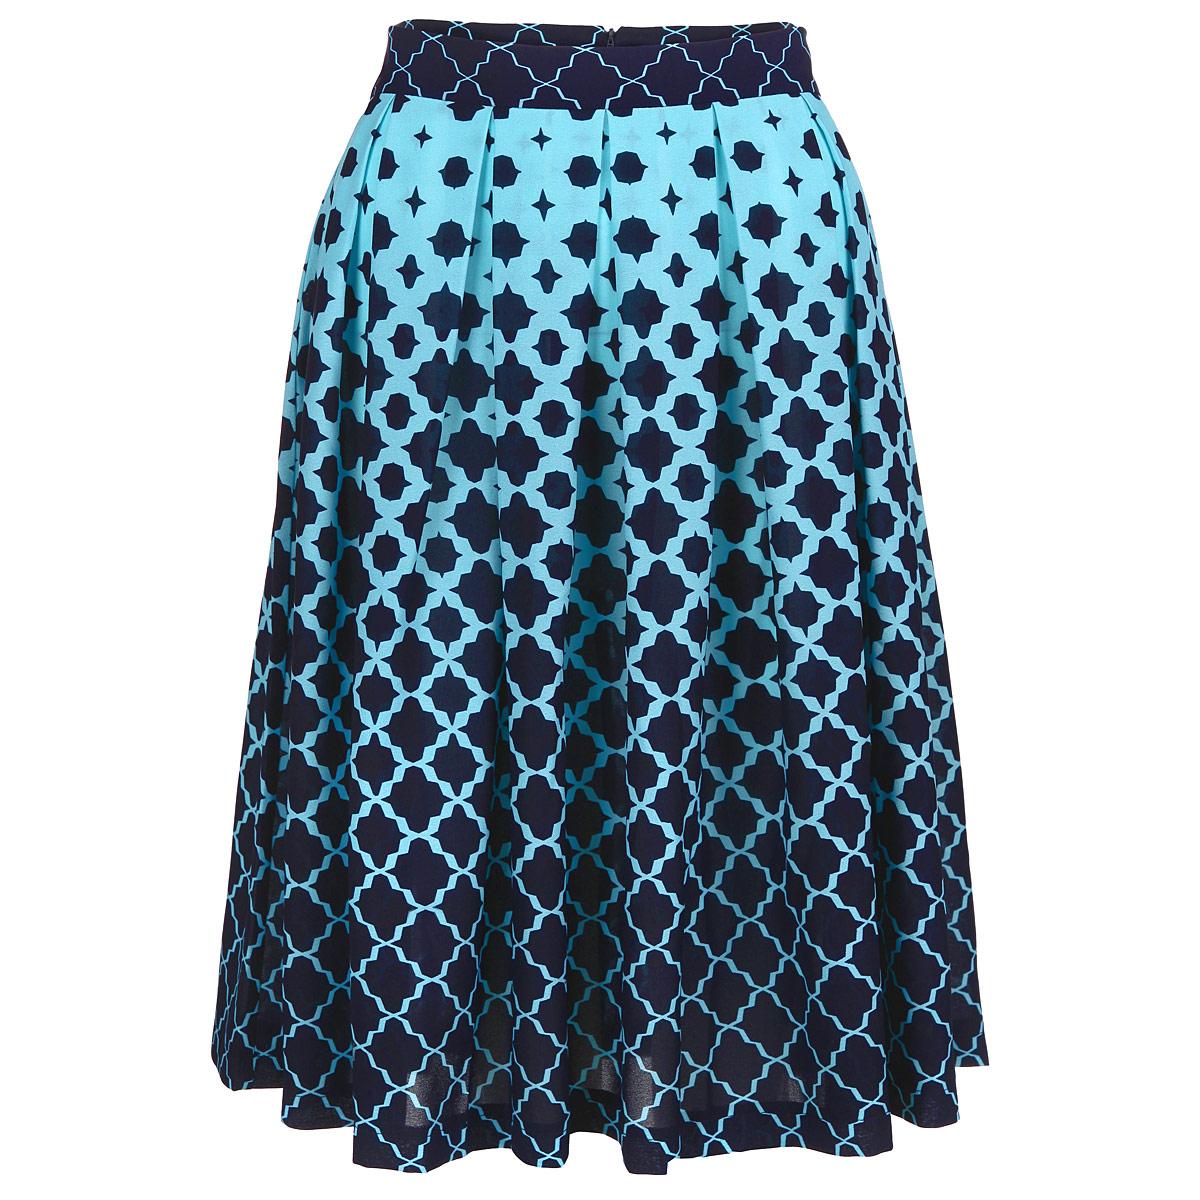 Юбка Lautus, цвет: темно-синий, голубой. ю0156. Размер 48ю0156Очаровательная юбка от Lautus добавит женственные нотки в ваш модный образ. Модель выполнена из полиэстера с небольшим добавлением эластана. Юбка застегивается на потайную застежку-молнию, расположенную в заднем шве. Изящная модель с посадкой на талии подчеркнет красоту и стройность ваших ног, сделает ваш образ более хрупким. Изделие оформлено модным контрастным принтом. Стильная юбка - основа гардероба настоящей леди. Она подчеркнет ваше отменное чувство стиля и безупречный вкус!